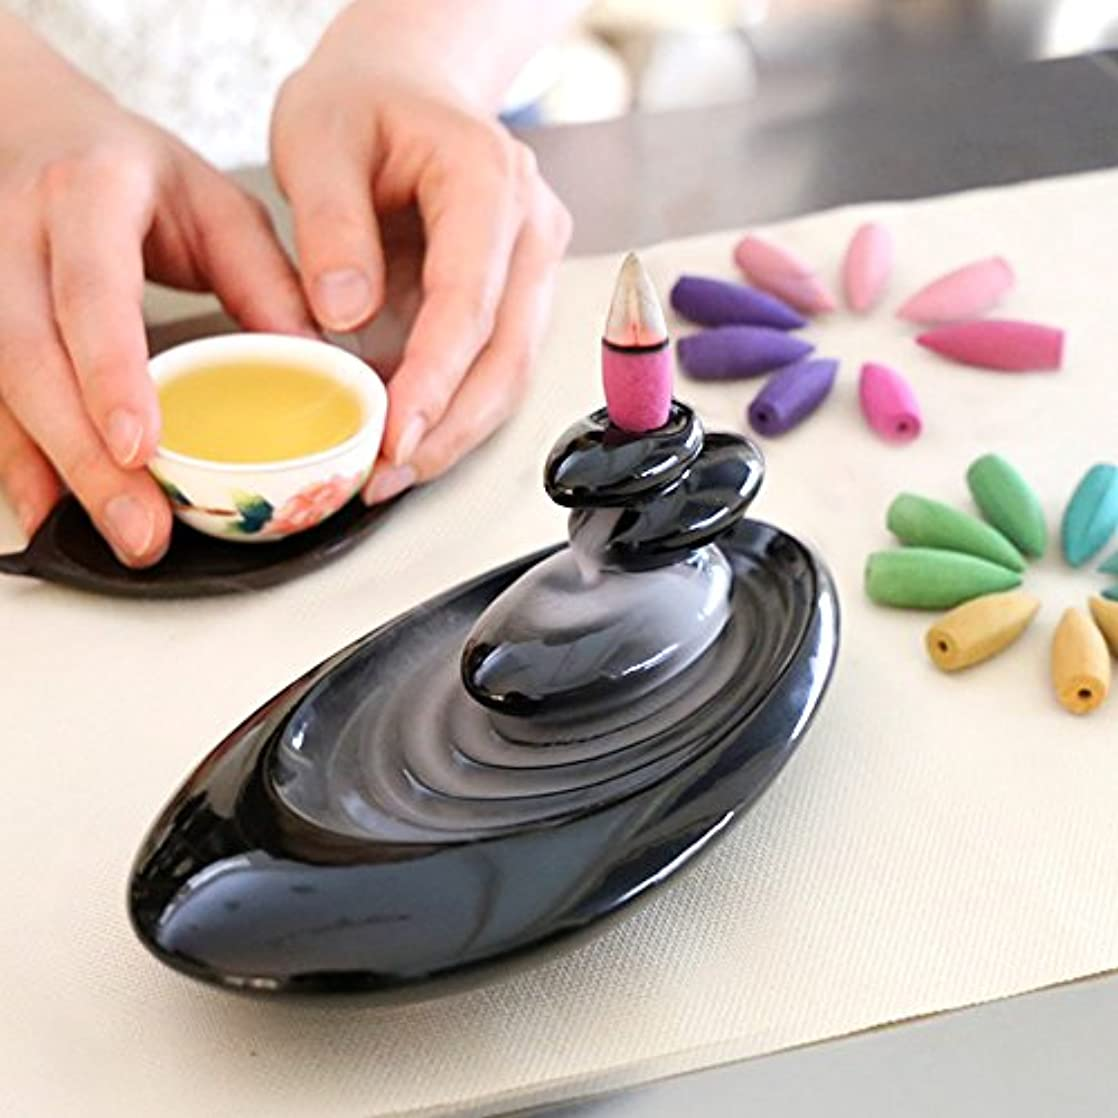 ナインへ測定可能港倒流香 香炉 シンプル 6種の香り アロマ香炉 ギフトBOX仕様 アロマインセンス 逆流香 誕生日 プレゼント (誕生日カード)